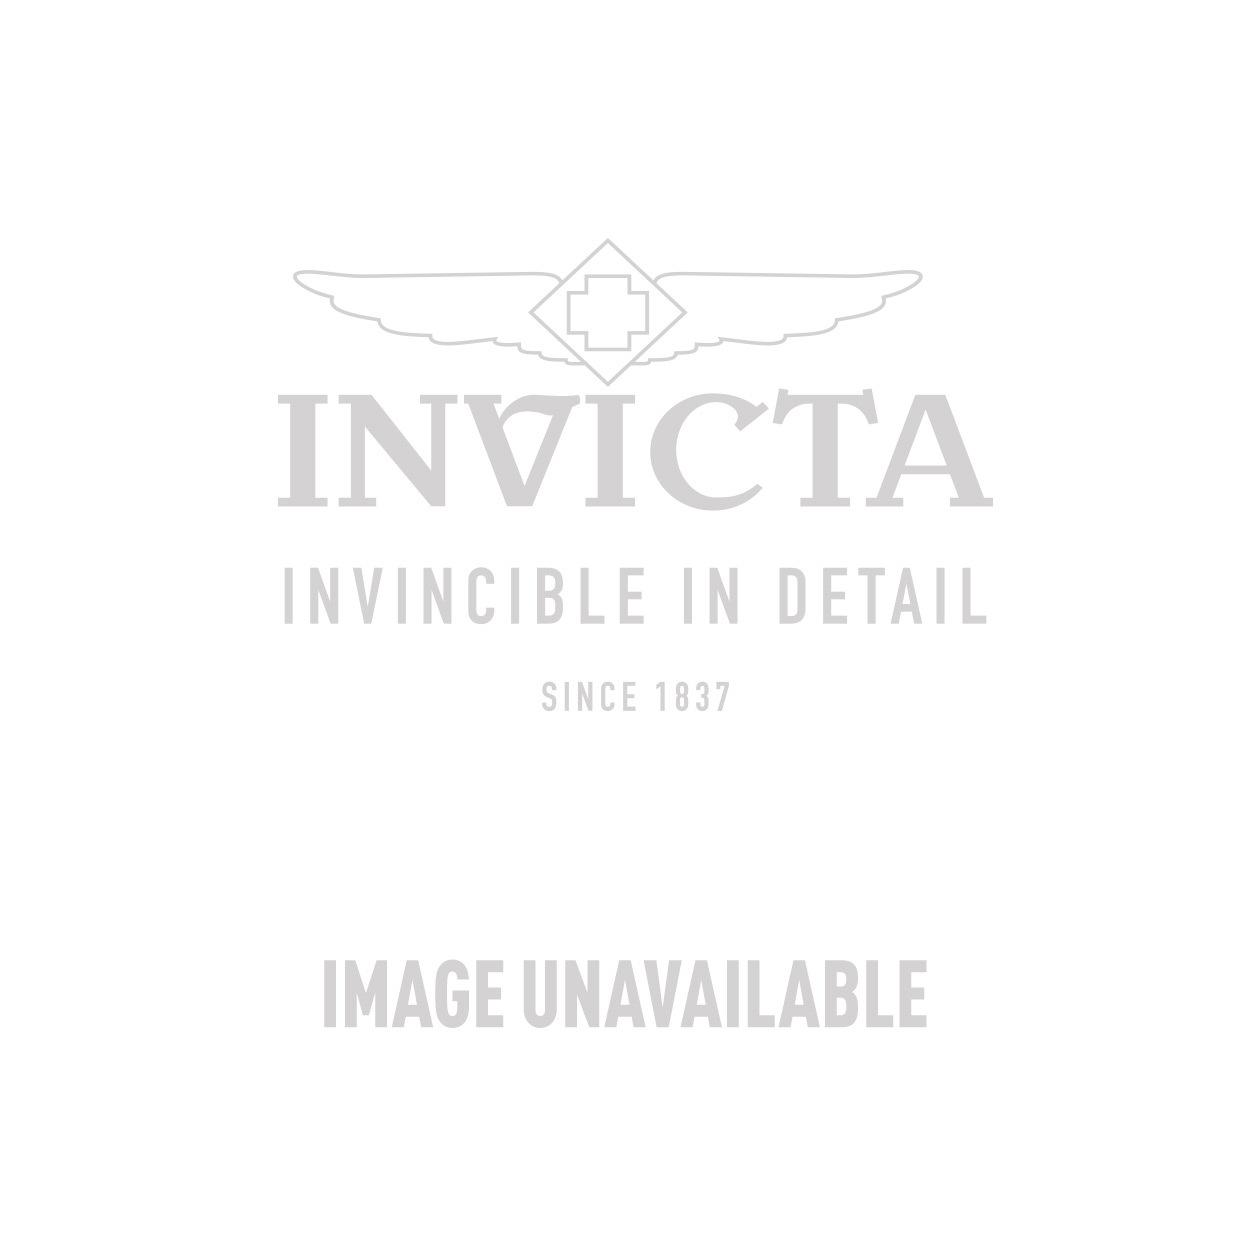 Invicta Model 27702